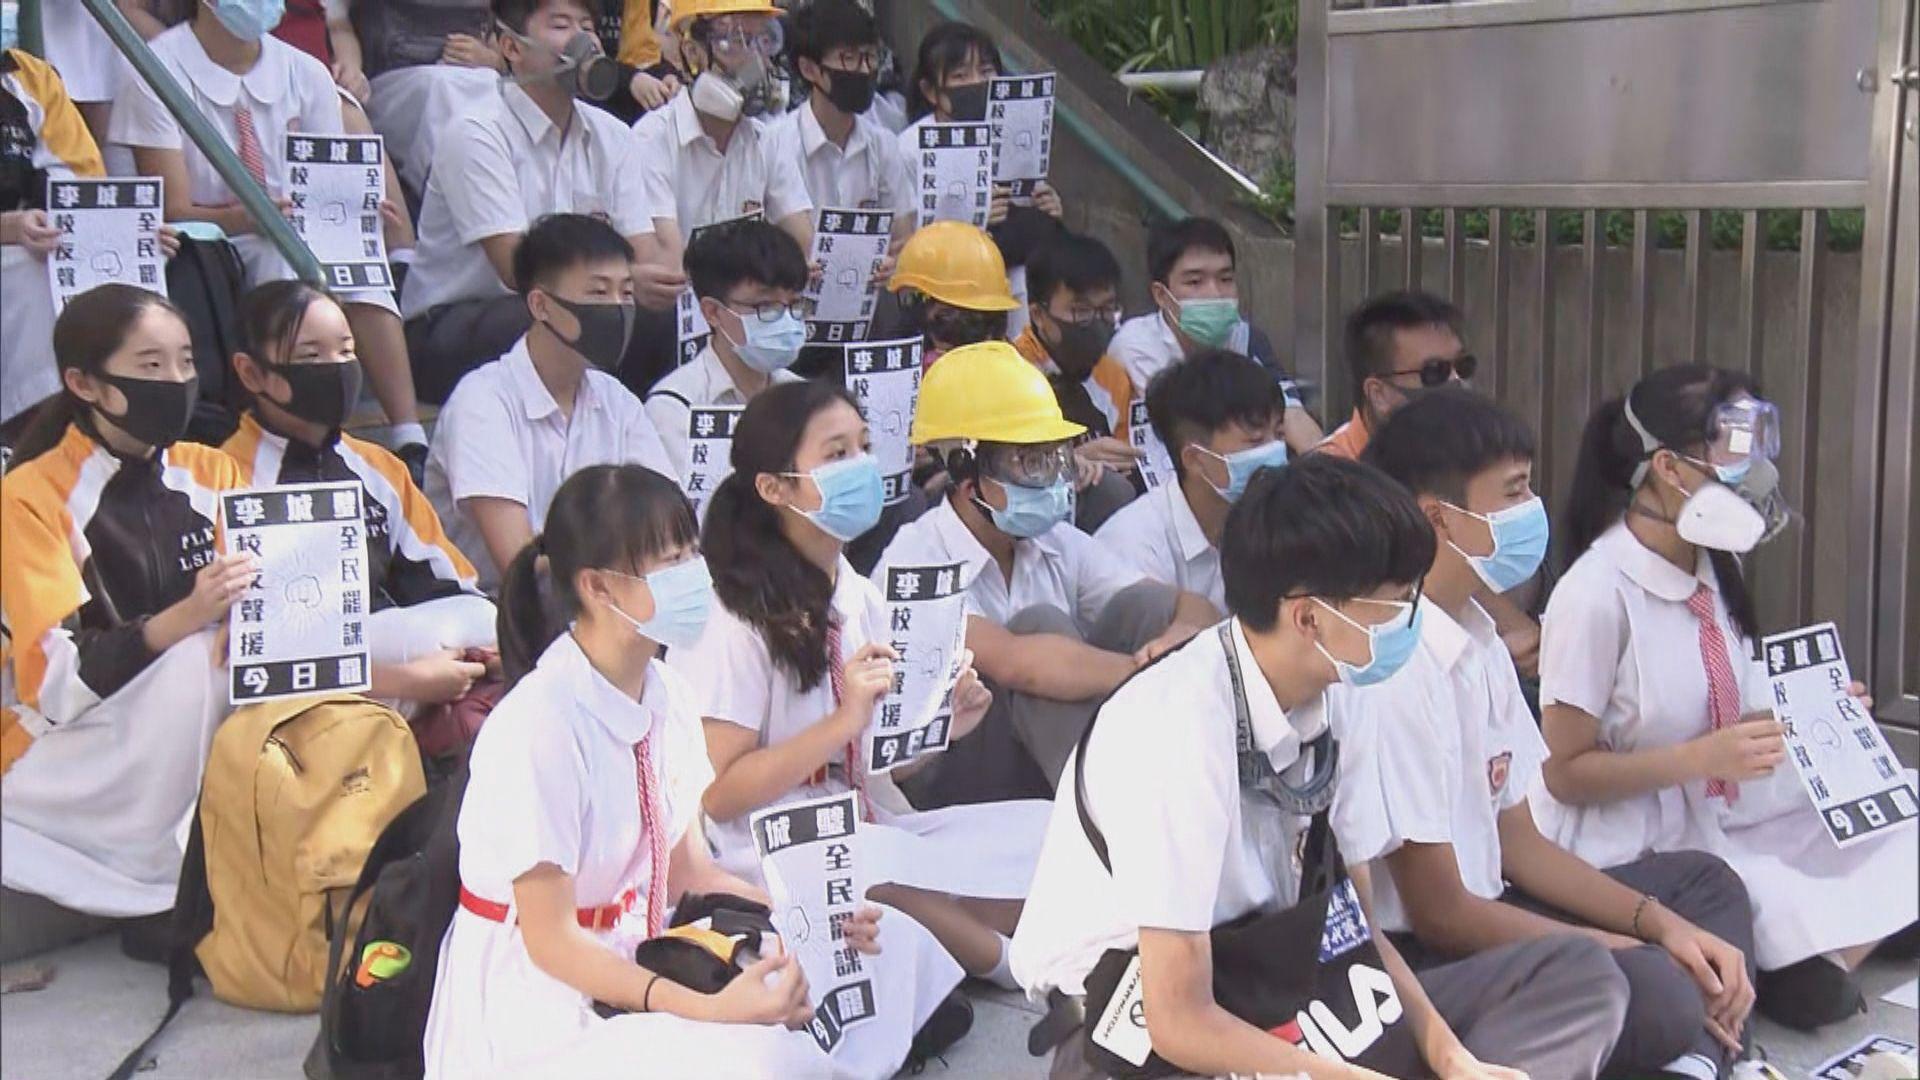 楊潤雄:學生可理性討論政治事件惟不應強迫人表態